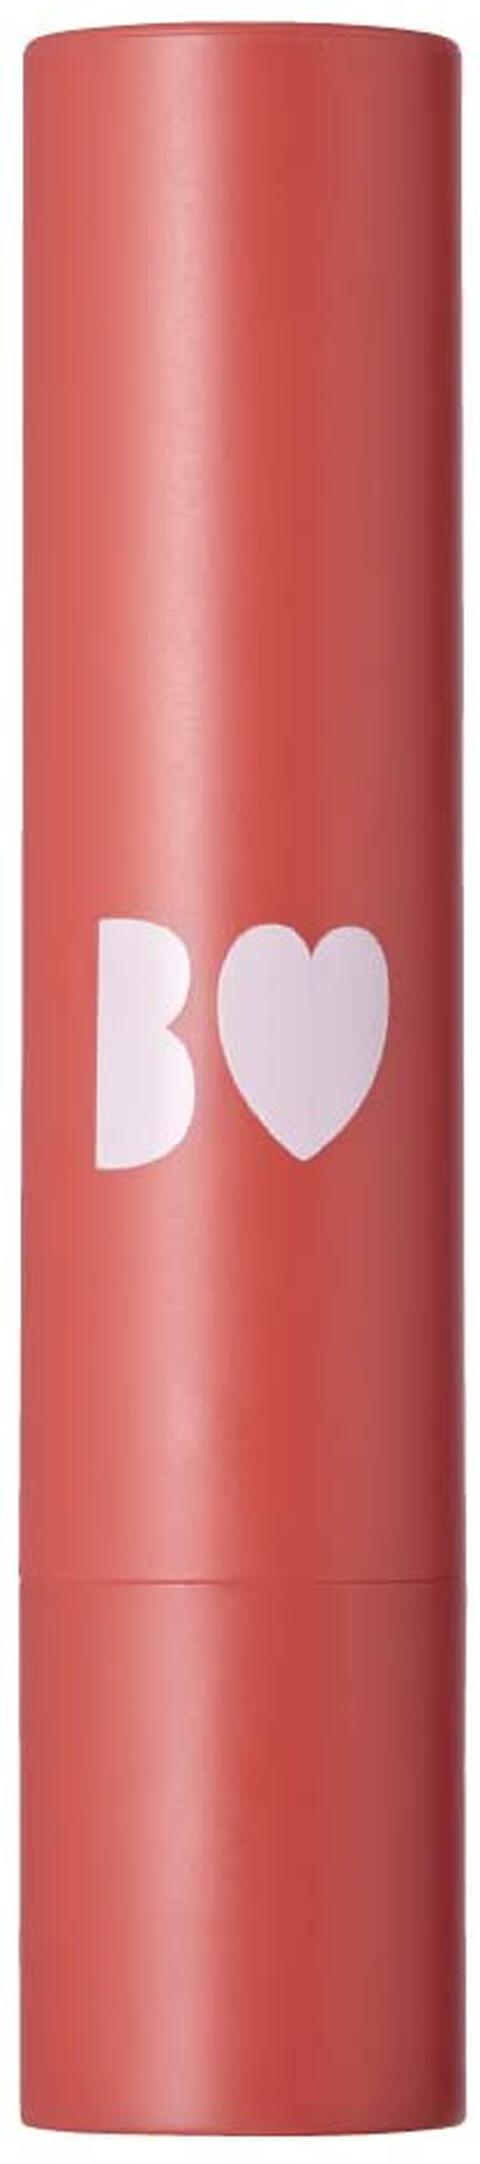 告白pink あかりん リップ bidol ビーアイドル 人気色 ピンク 色持ち 新色 ブルベ イエベ パーソナルカラー